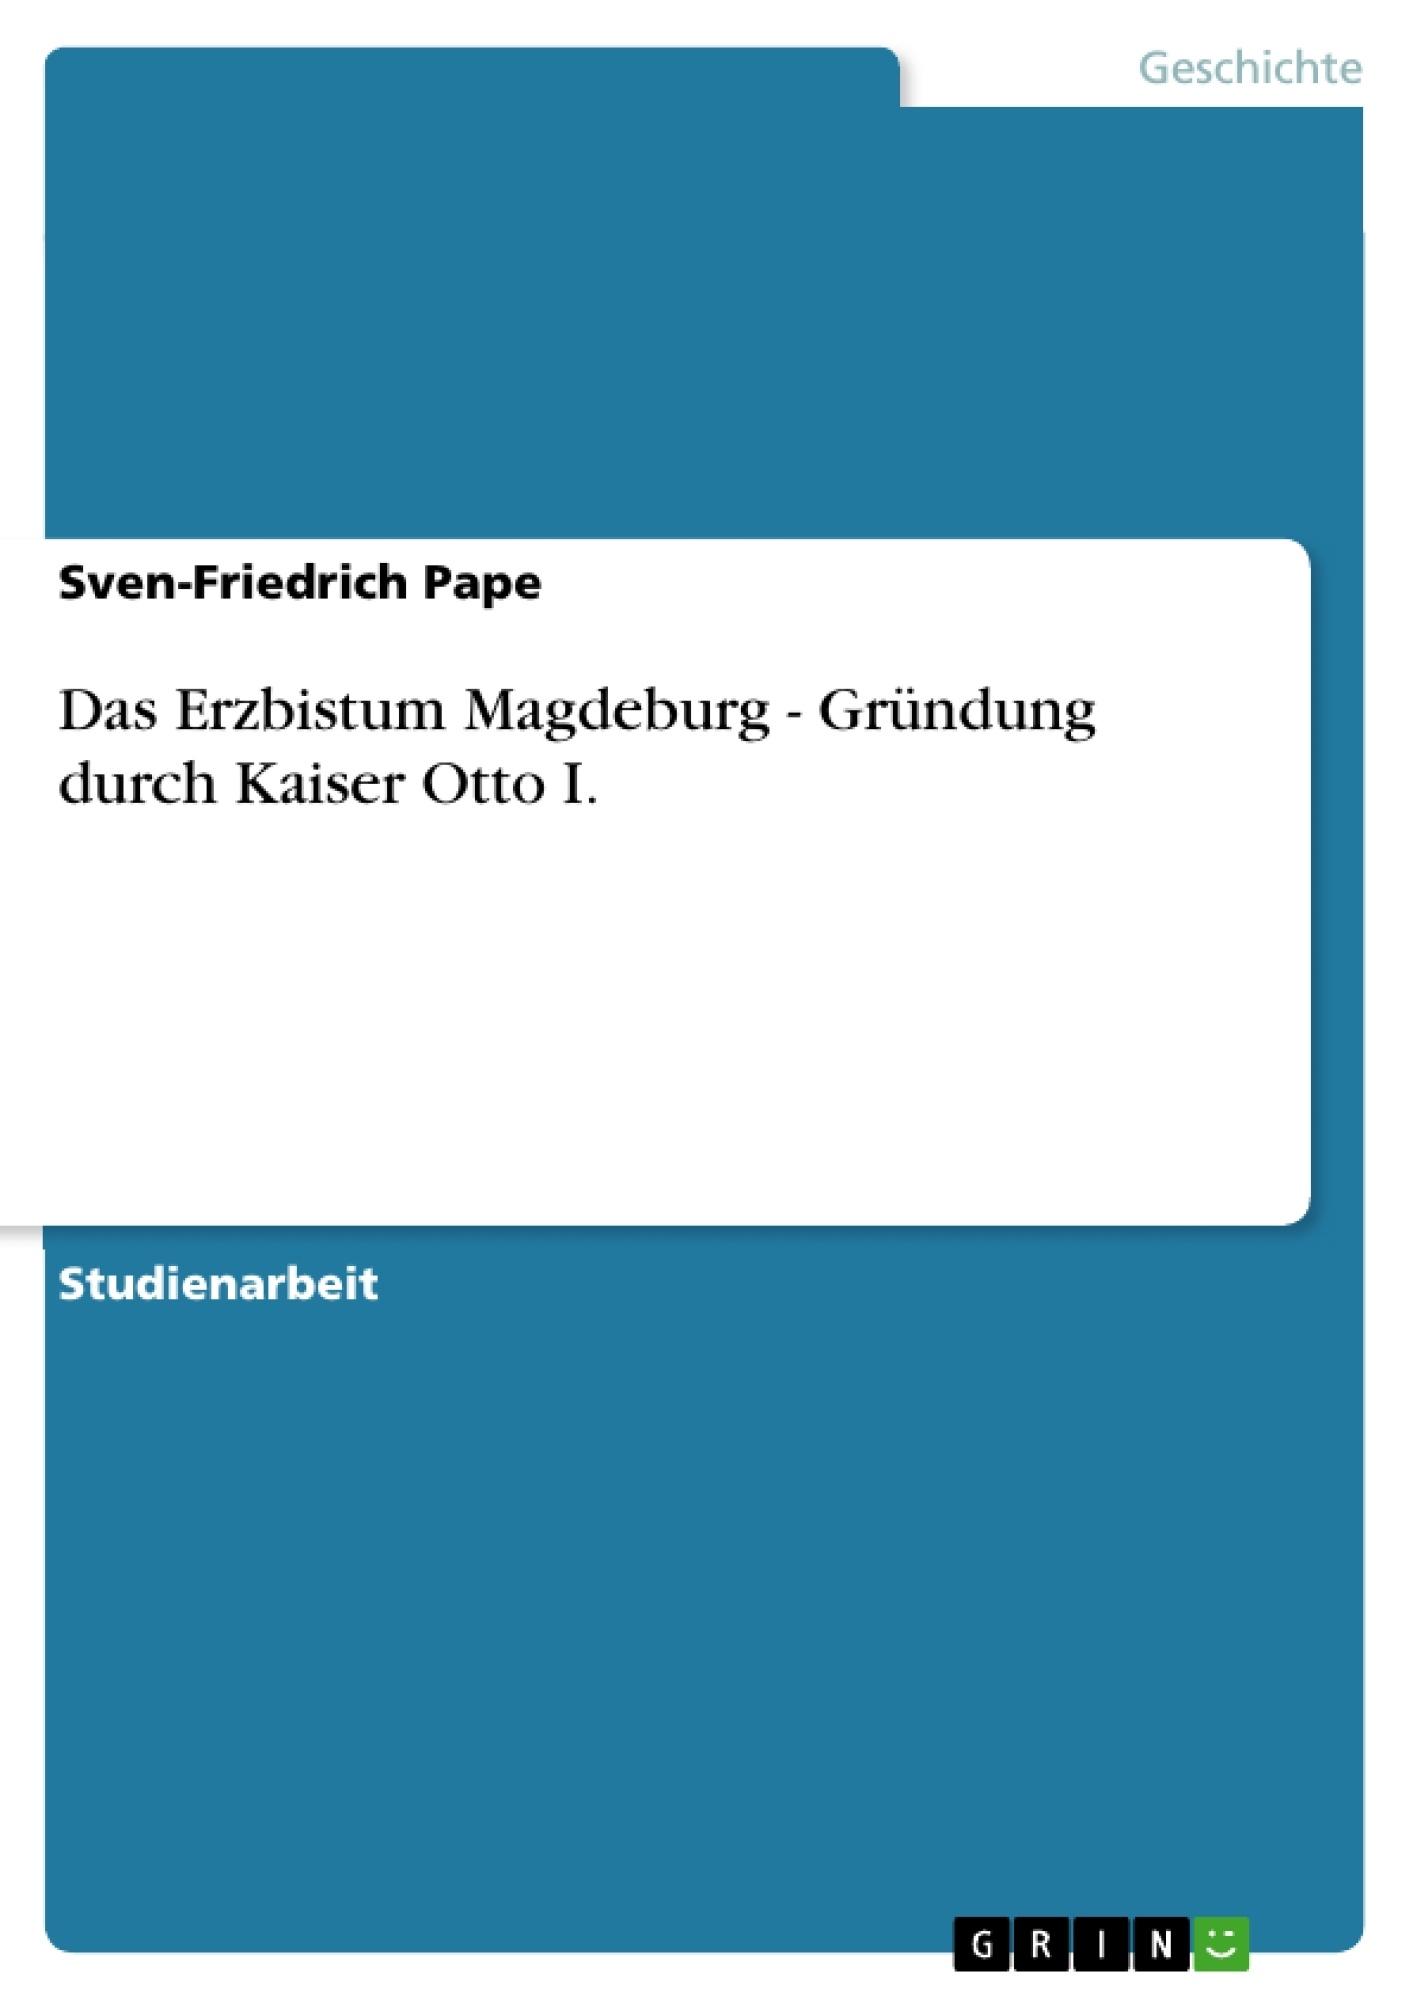 Titel: Das Erzbistum Magdeburg - Gründung durch Kaiser Otto I.